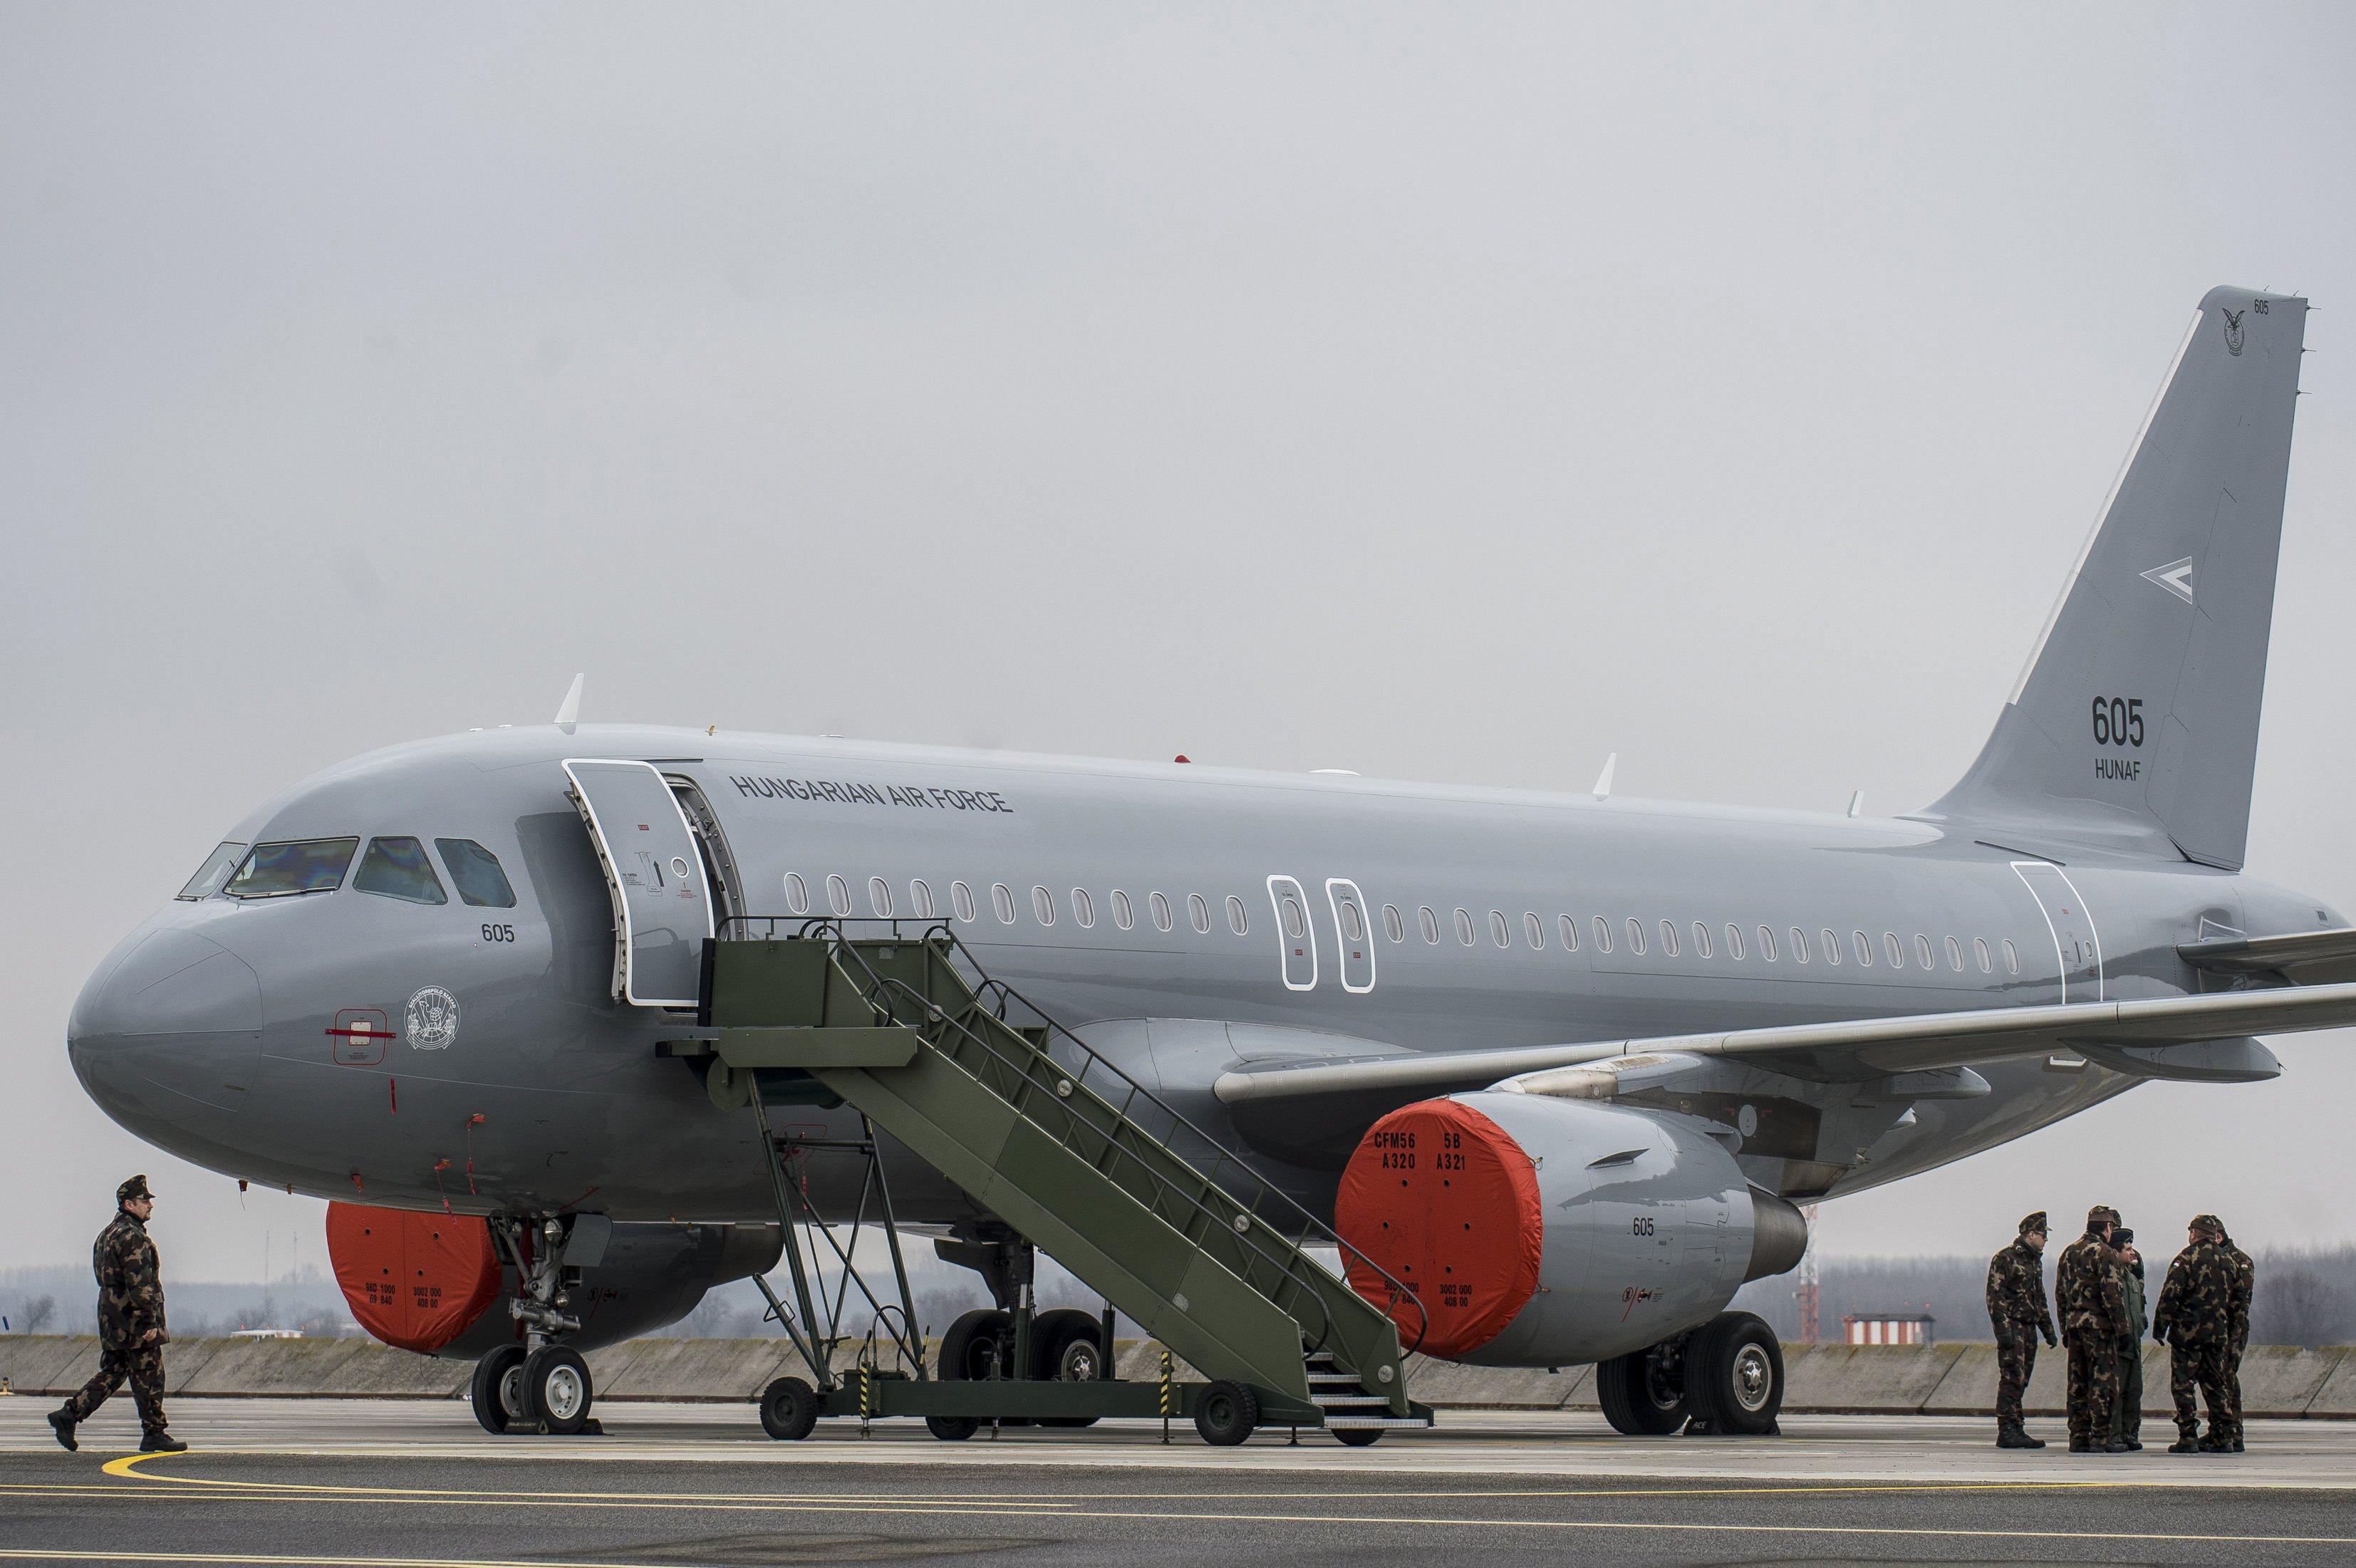 Megérkezett a magyar kormány két új repülőgépe, szép szürkék lettek